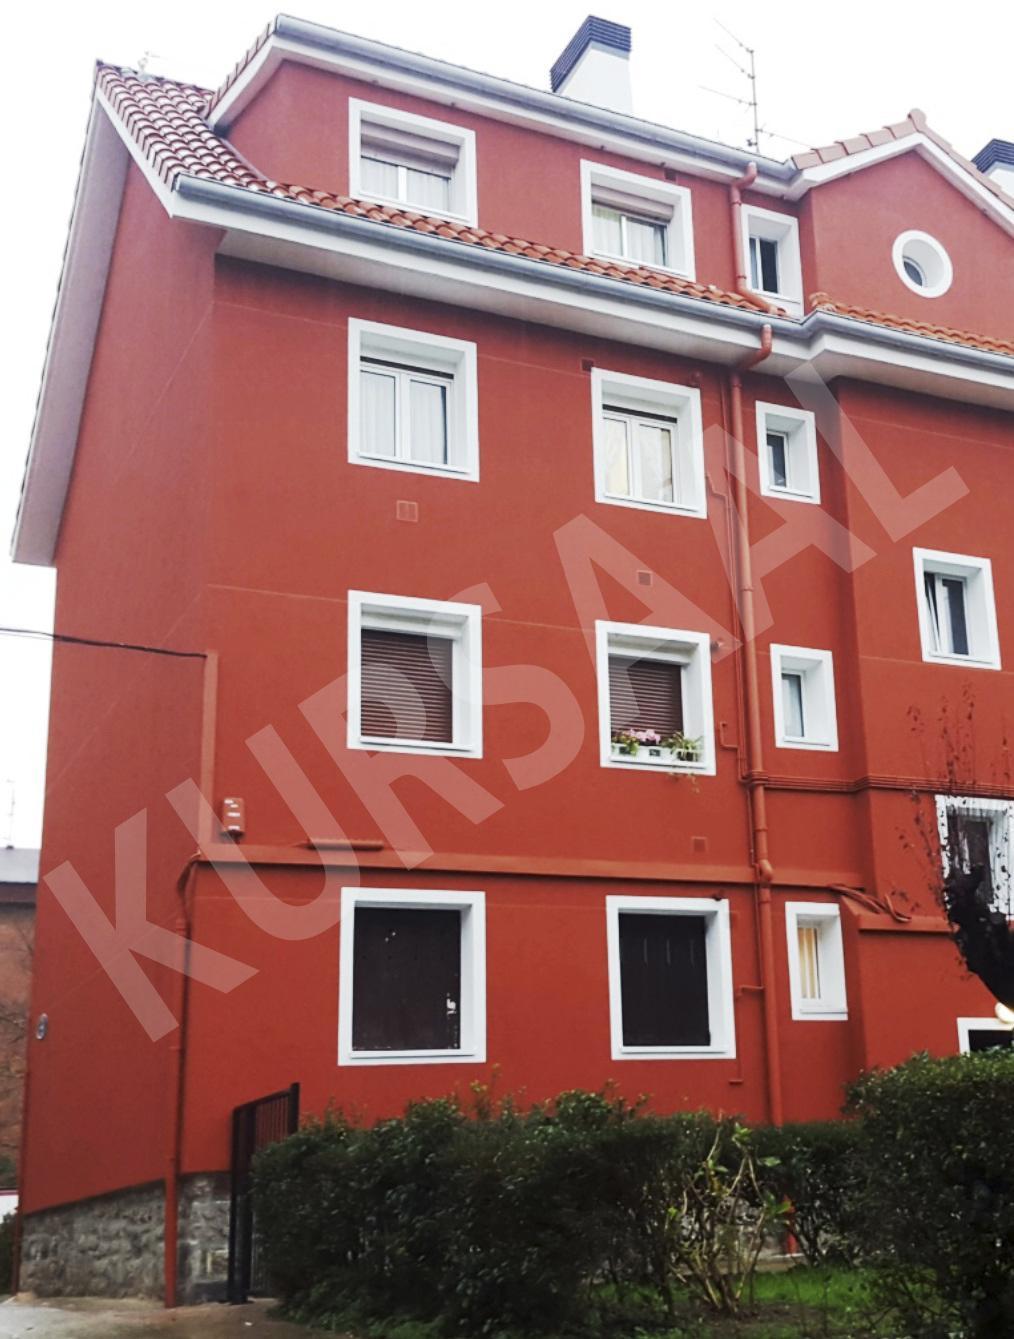 trabajo realizado en: Aislamientos Térmicos y Eficiencia Energética-SATE-Donostia-Irurak 36